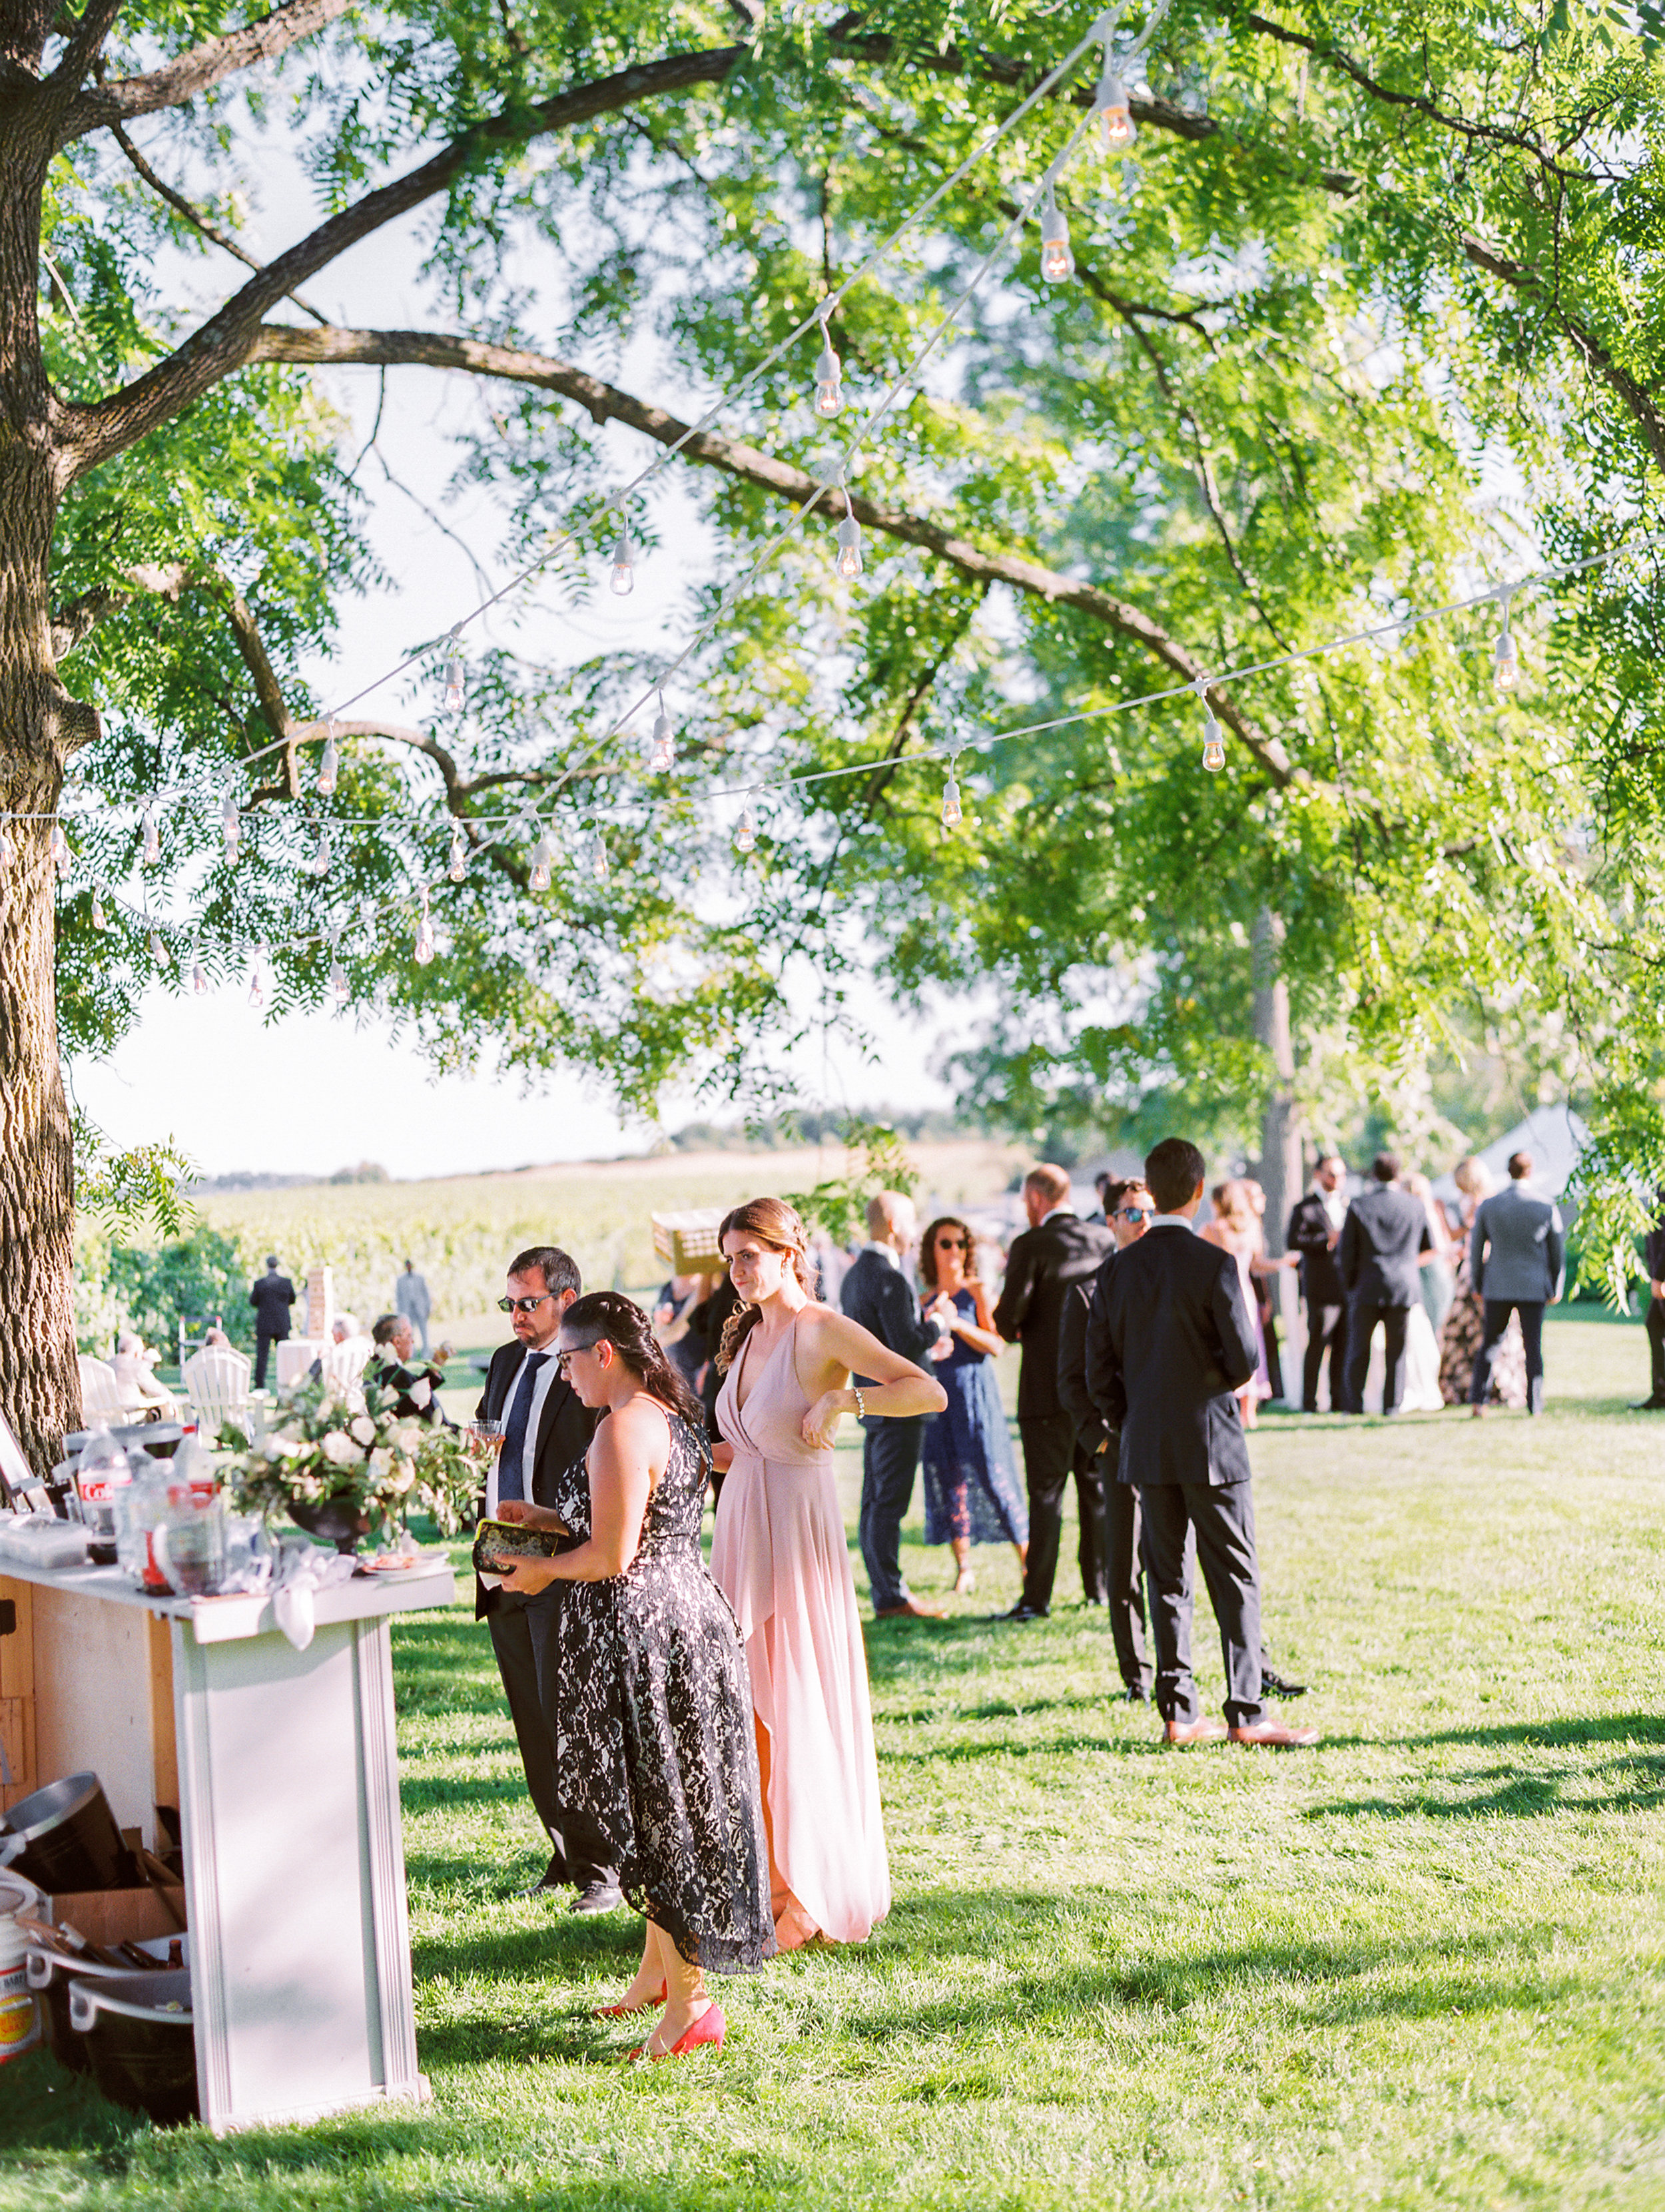 Steinlage+Wedding+Cocktail+Hour-87.jpg